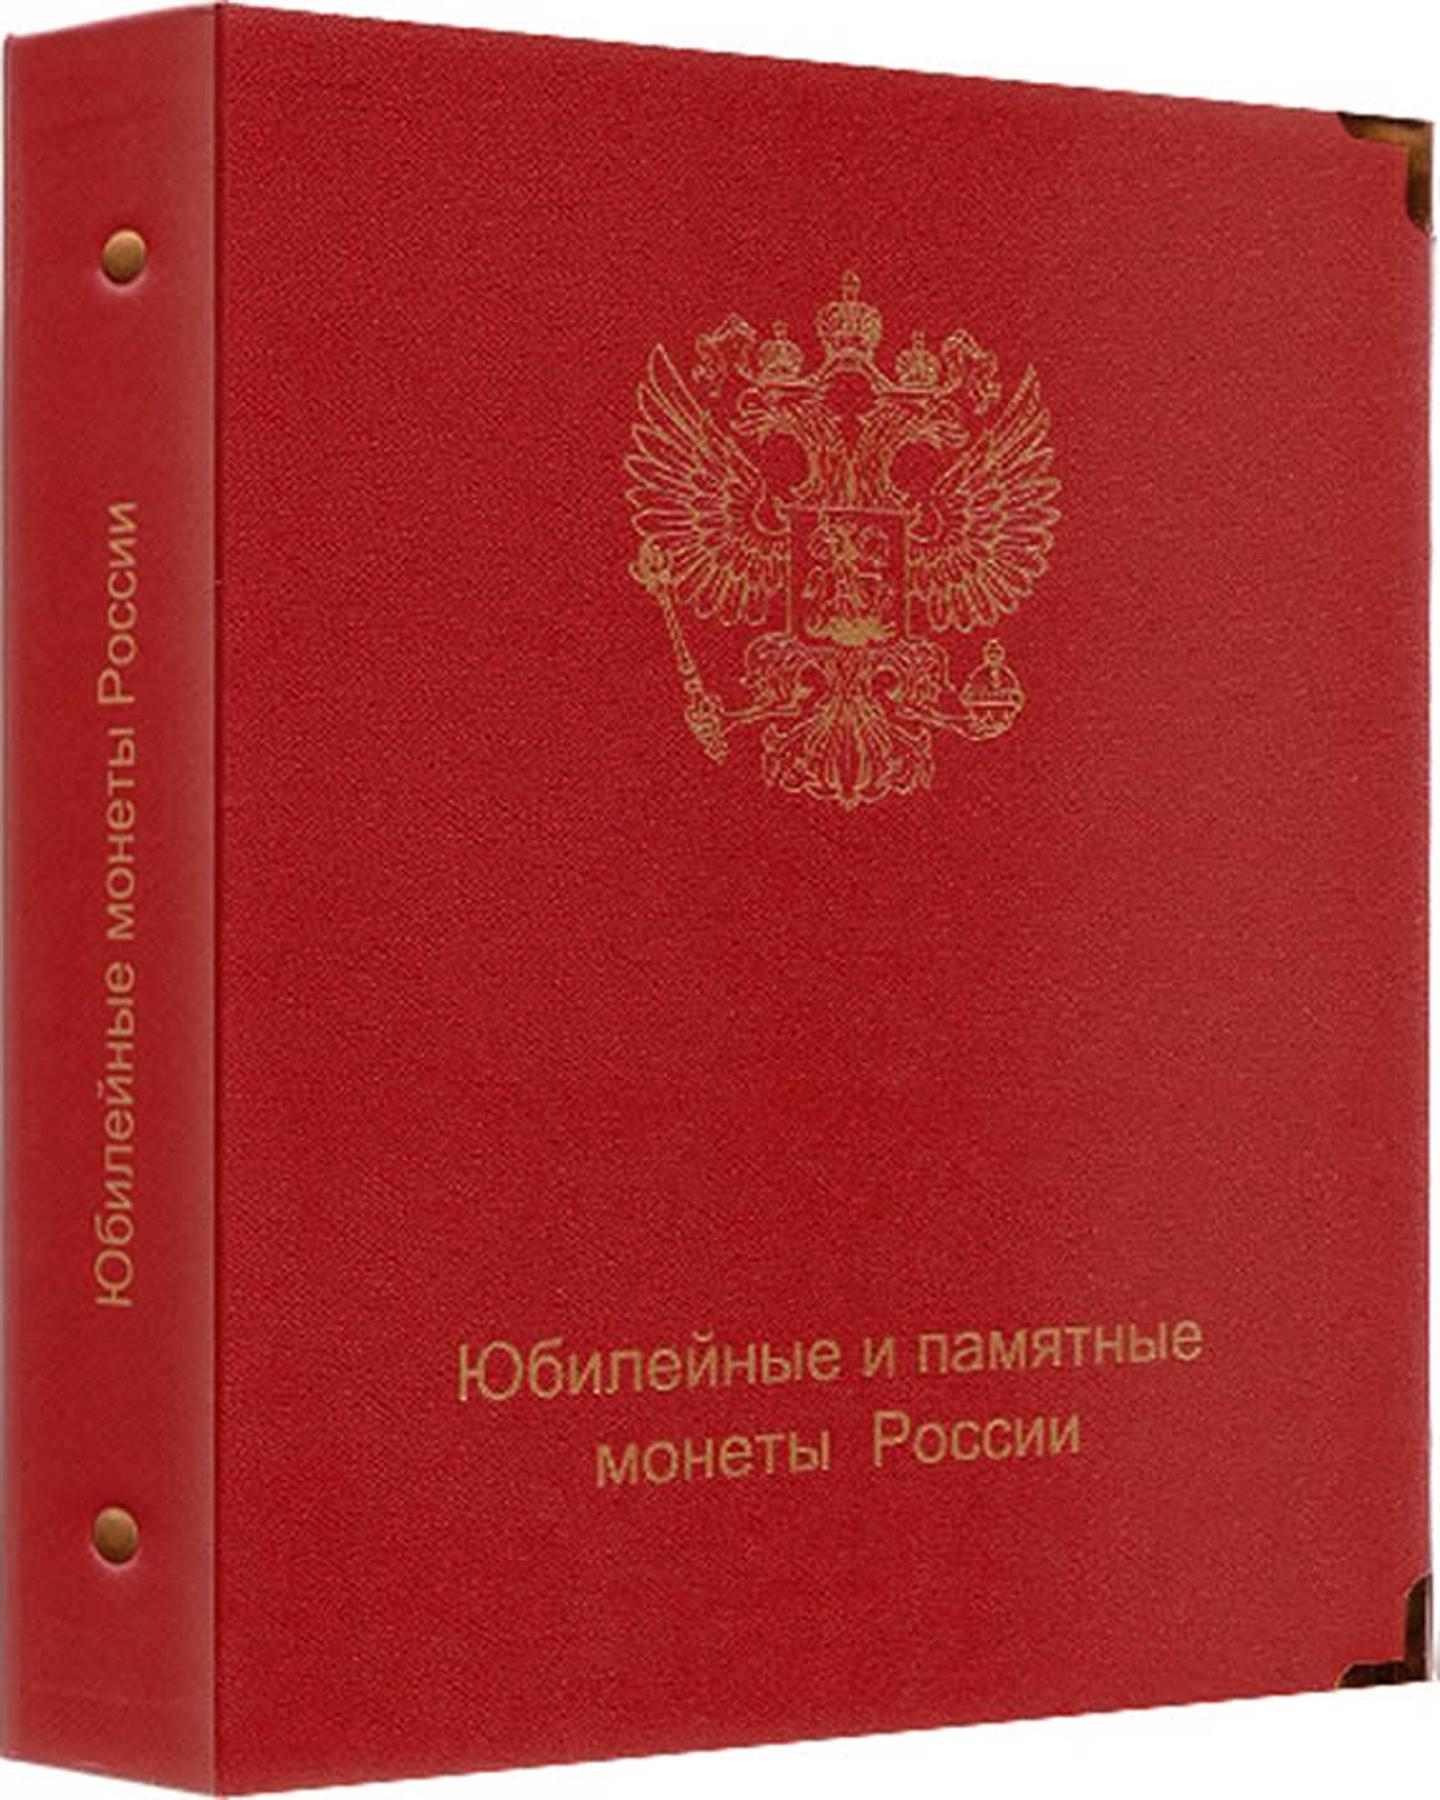 николаевская золотая монета 10 рублей цена